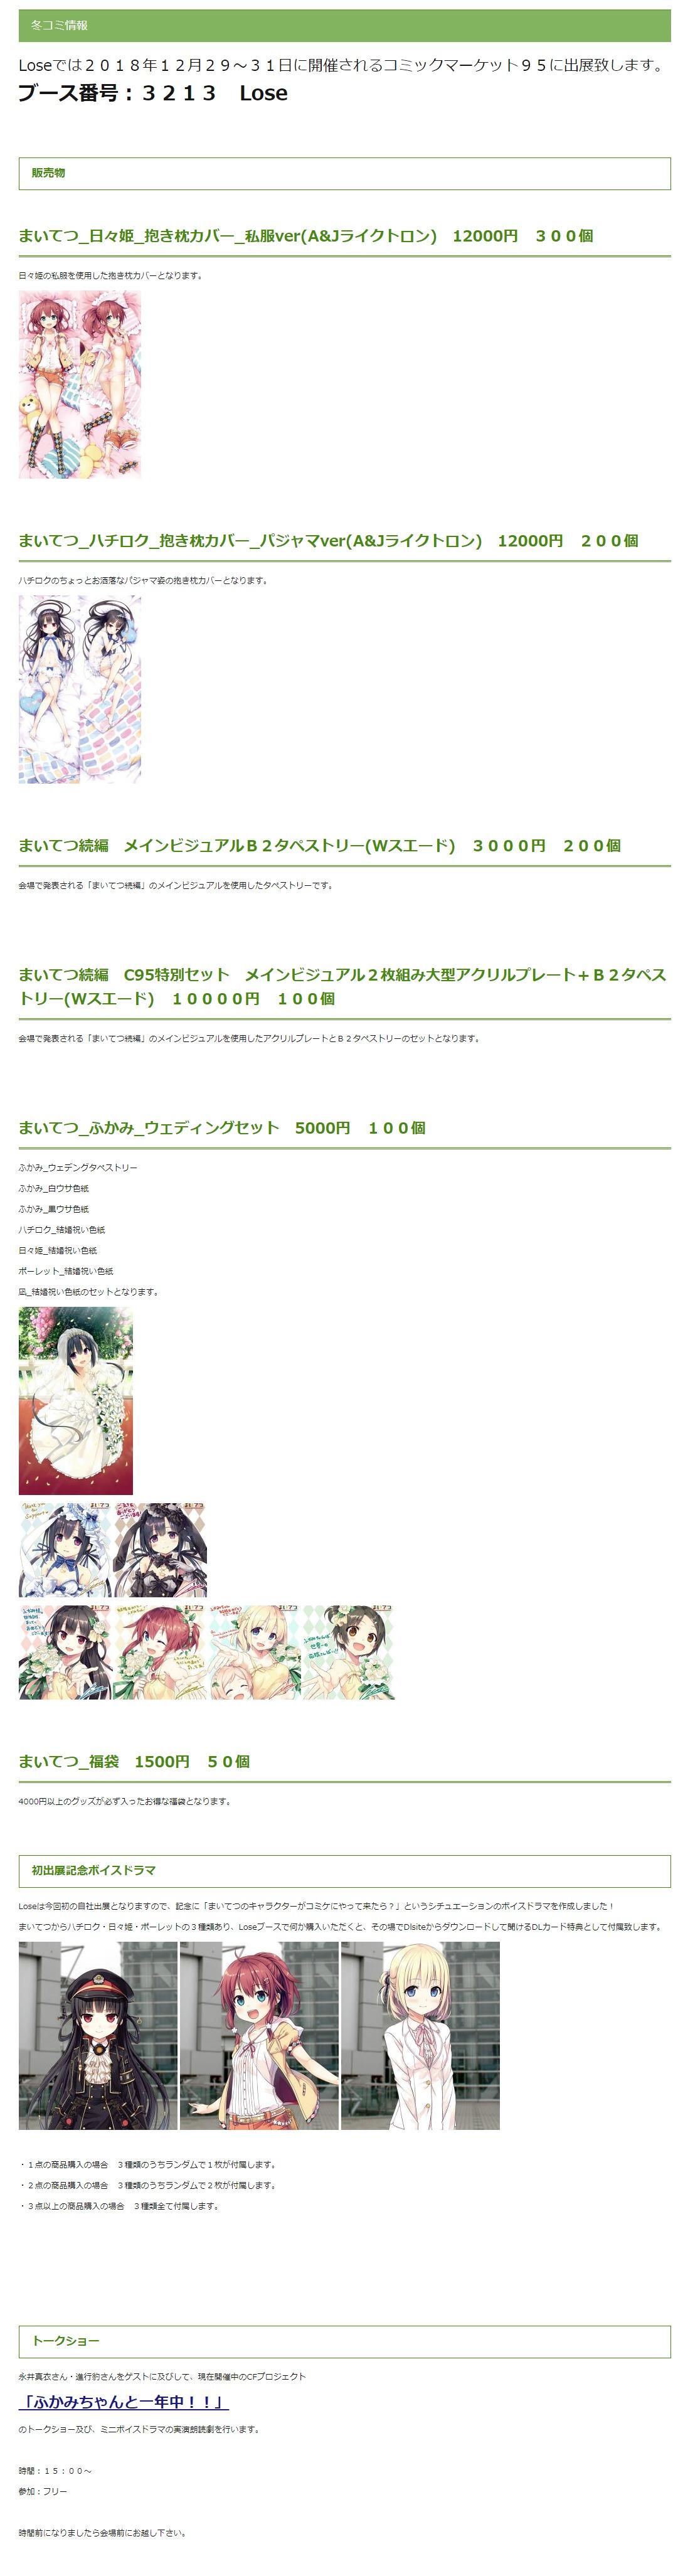 コミックマーケット95 情報 Lose